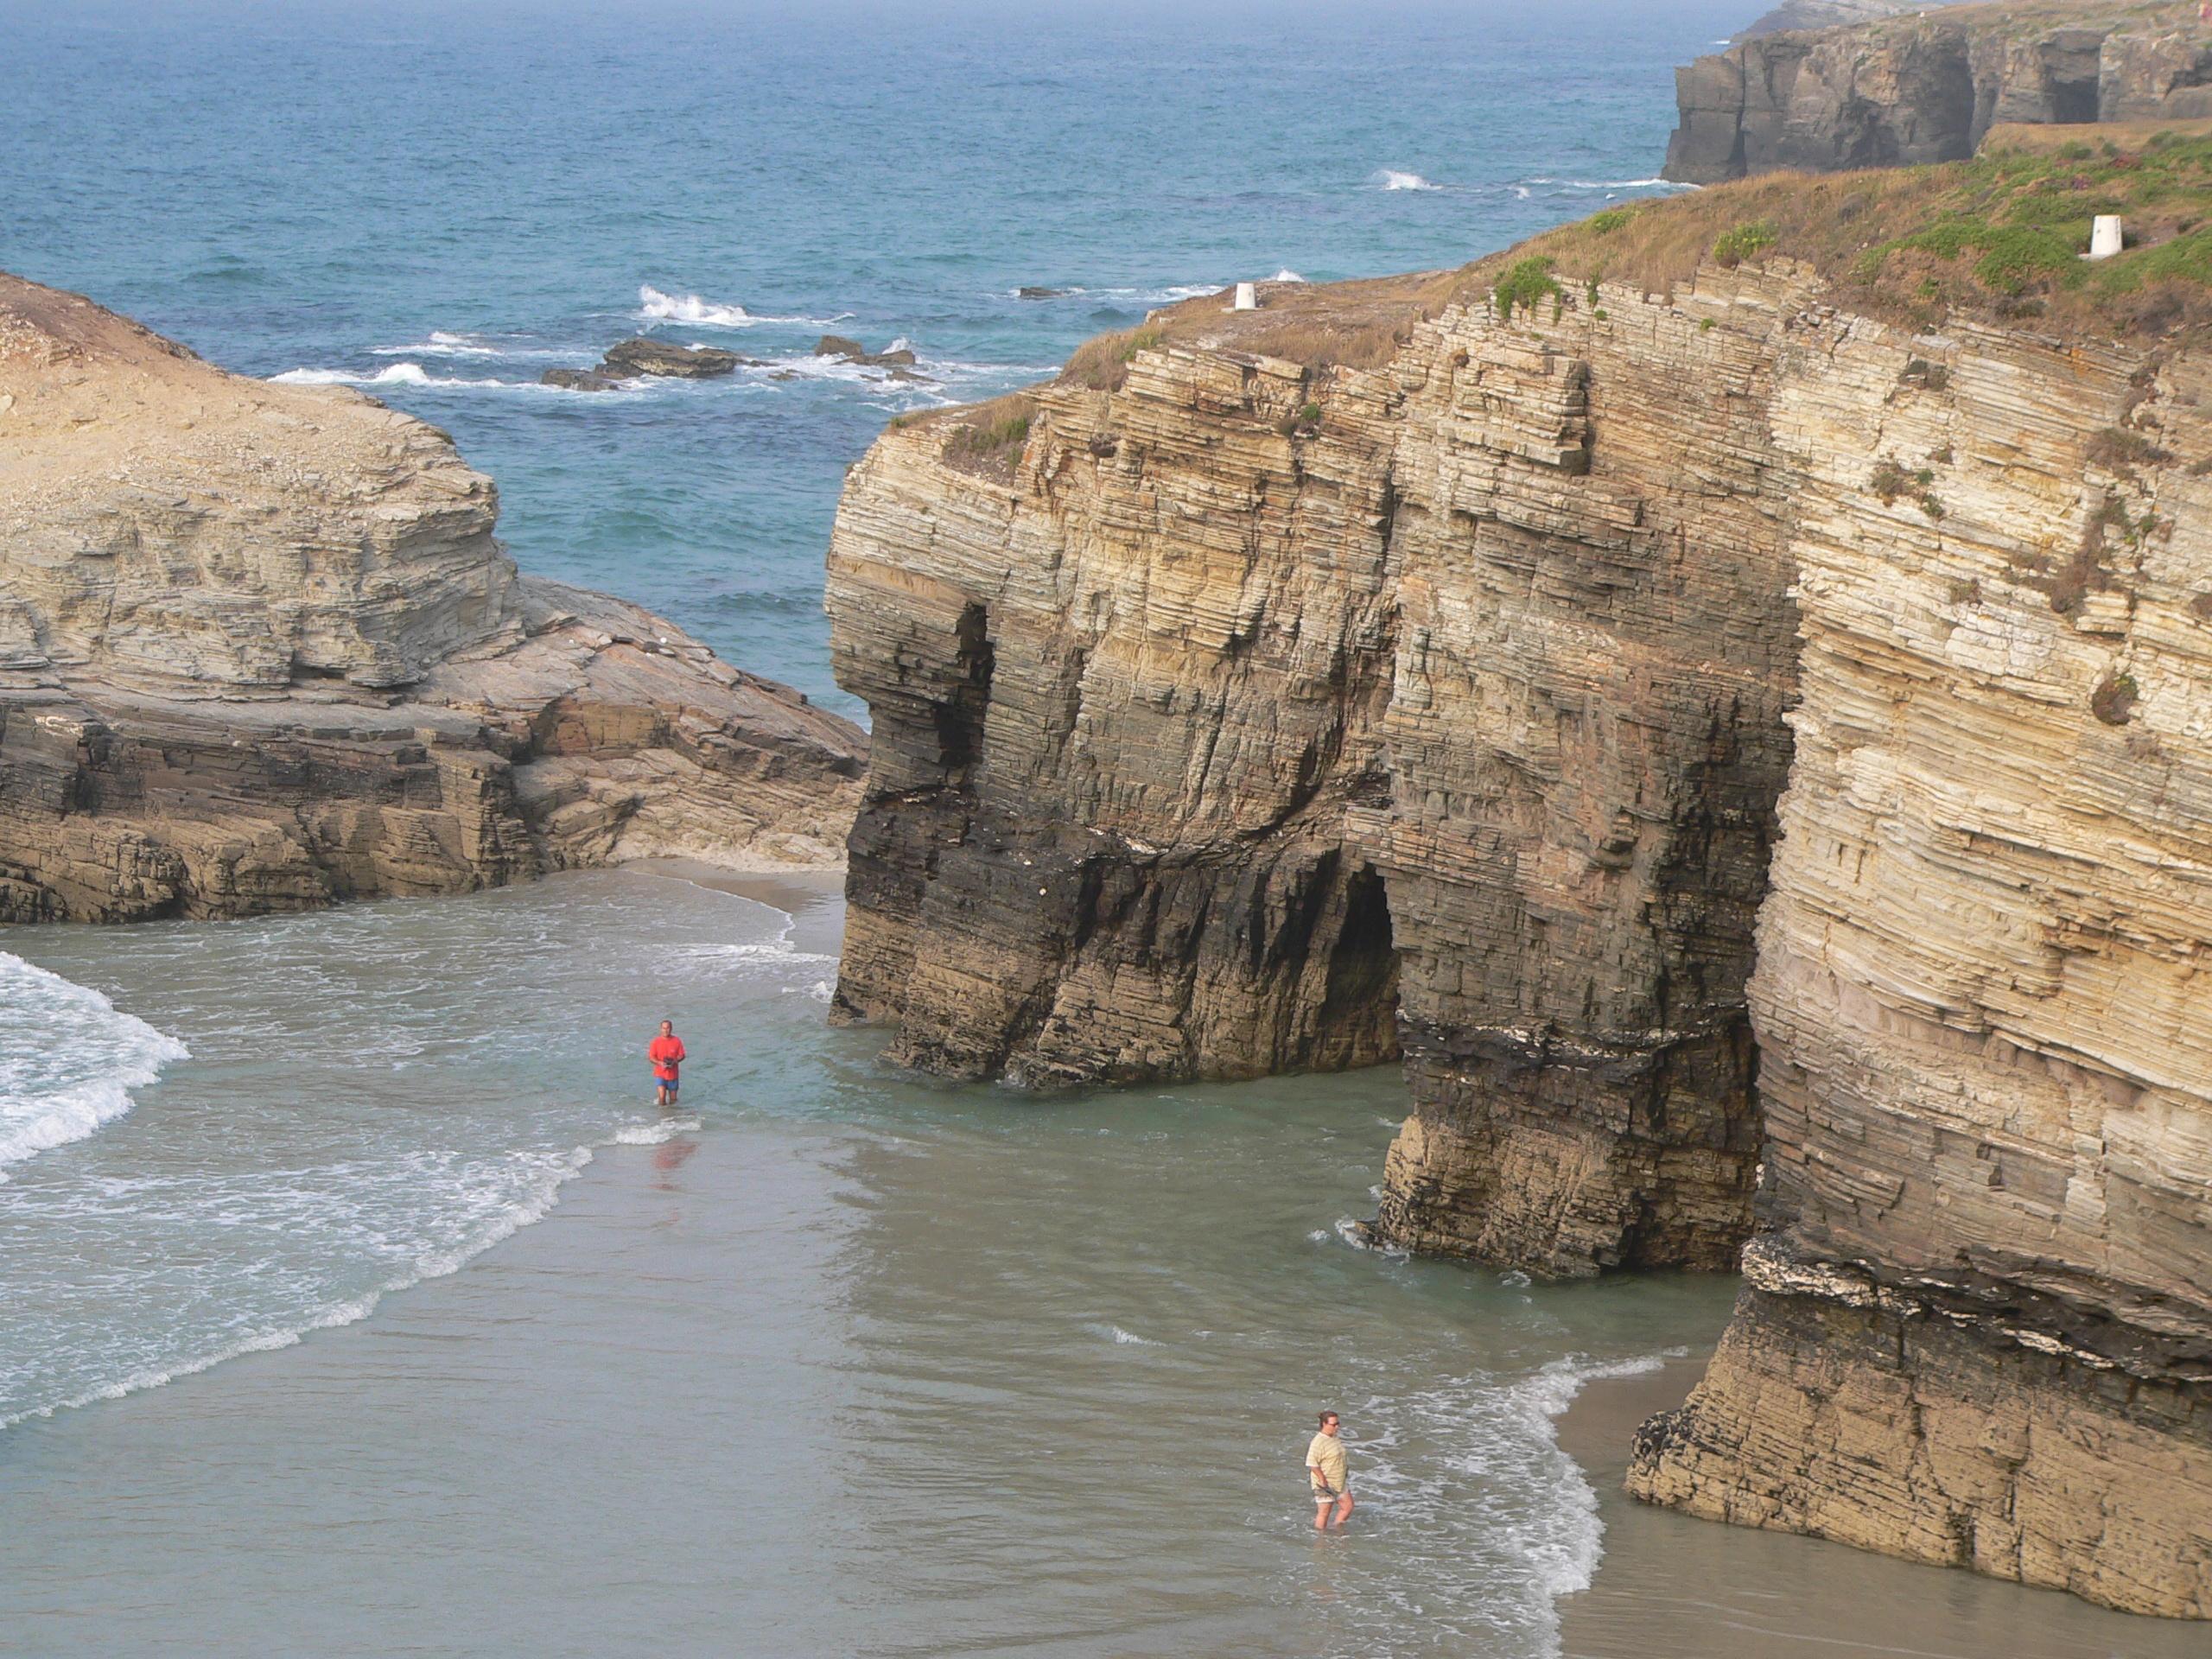 Foto playa As Catedrais / Las Catedrales / Carricelas / Augasantas. Ribadeo Playa de las catedrales lugo Galicia España